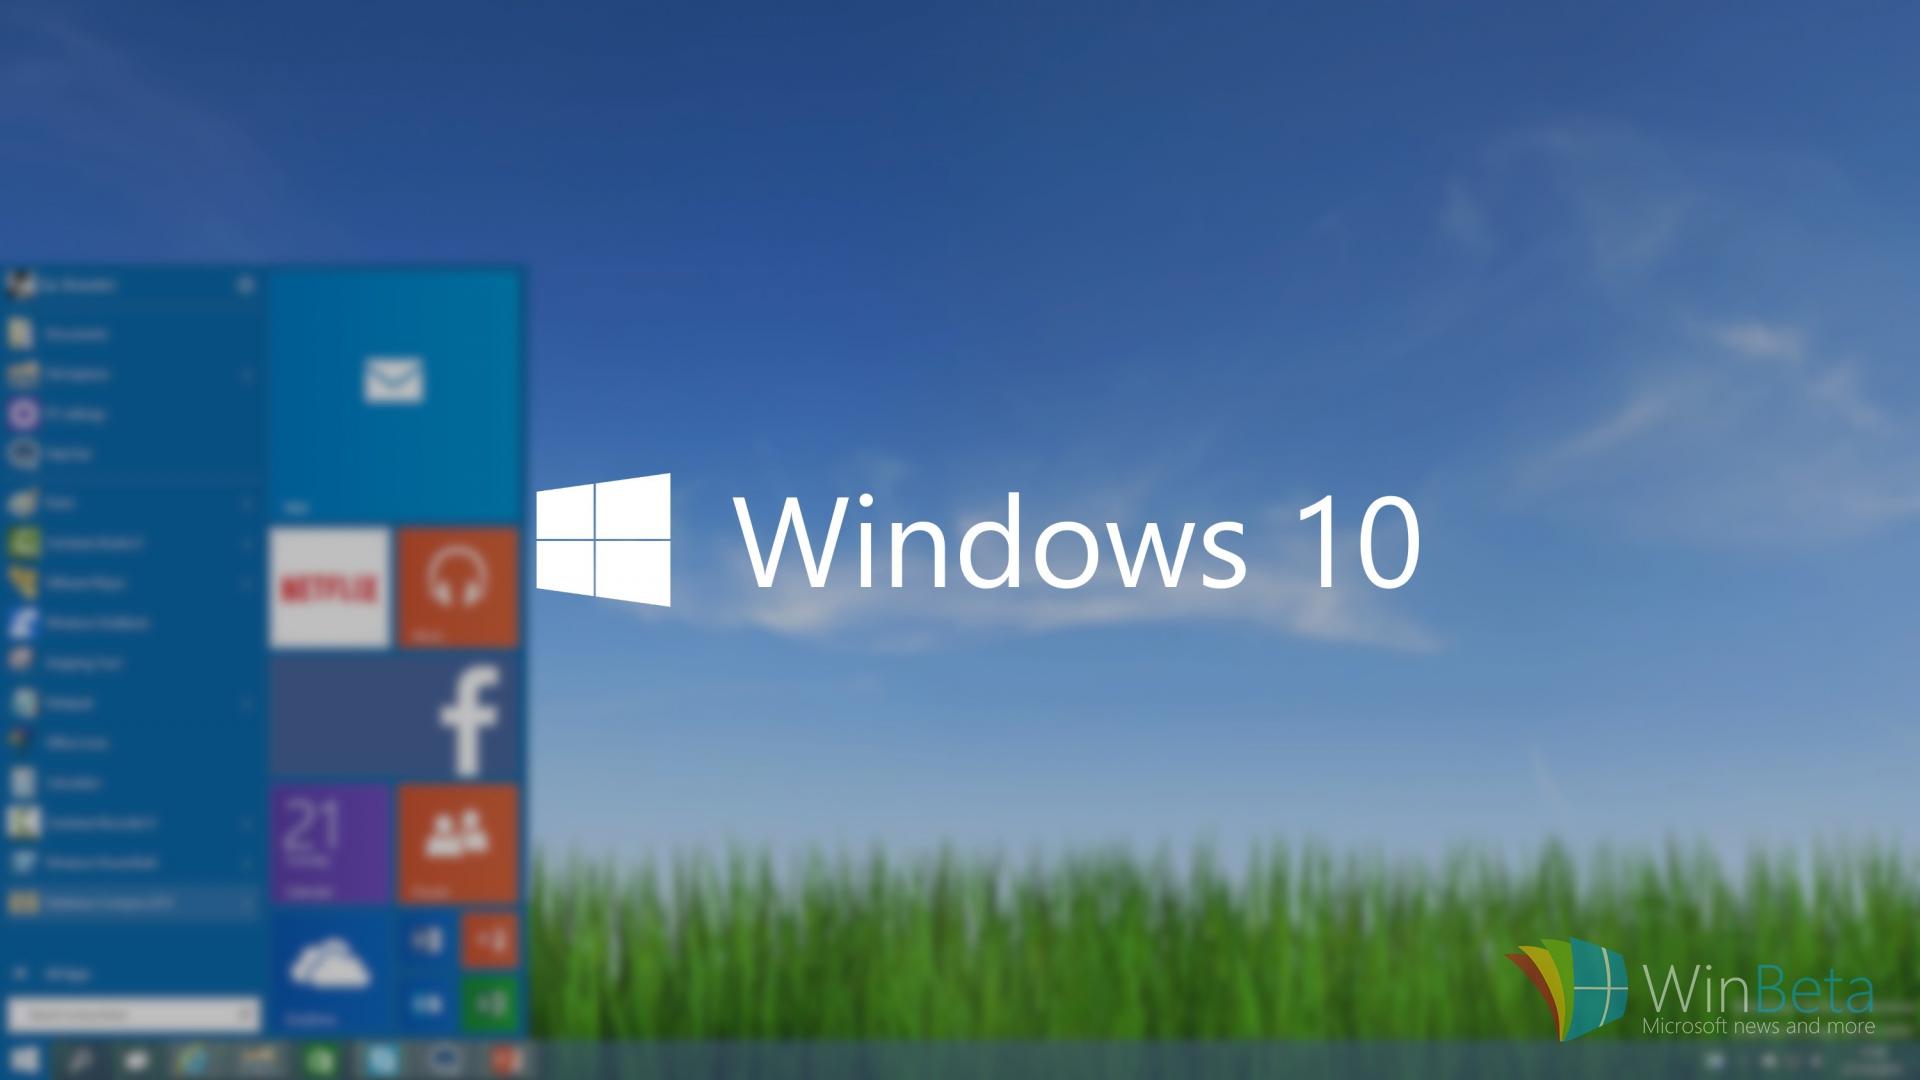 الويندوز 10 Windows يتراجع في سرعة انتشاره